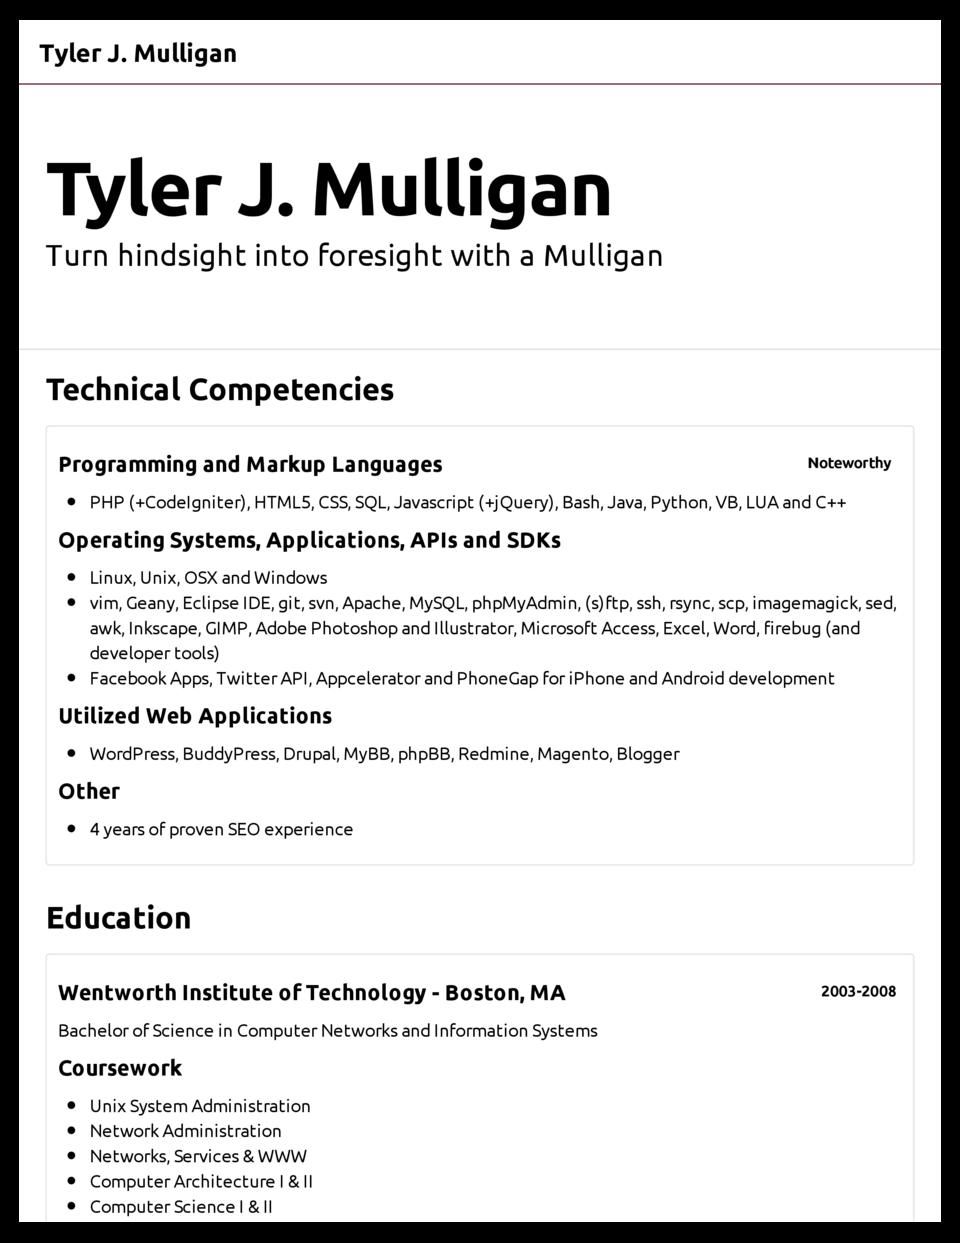 Basic Resume Template Pdf http//www.resumecareer.info